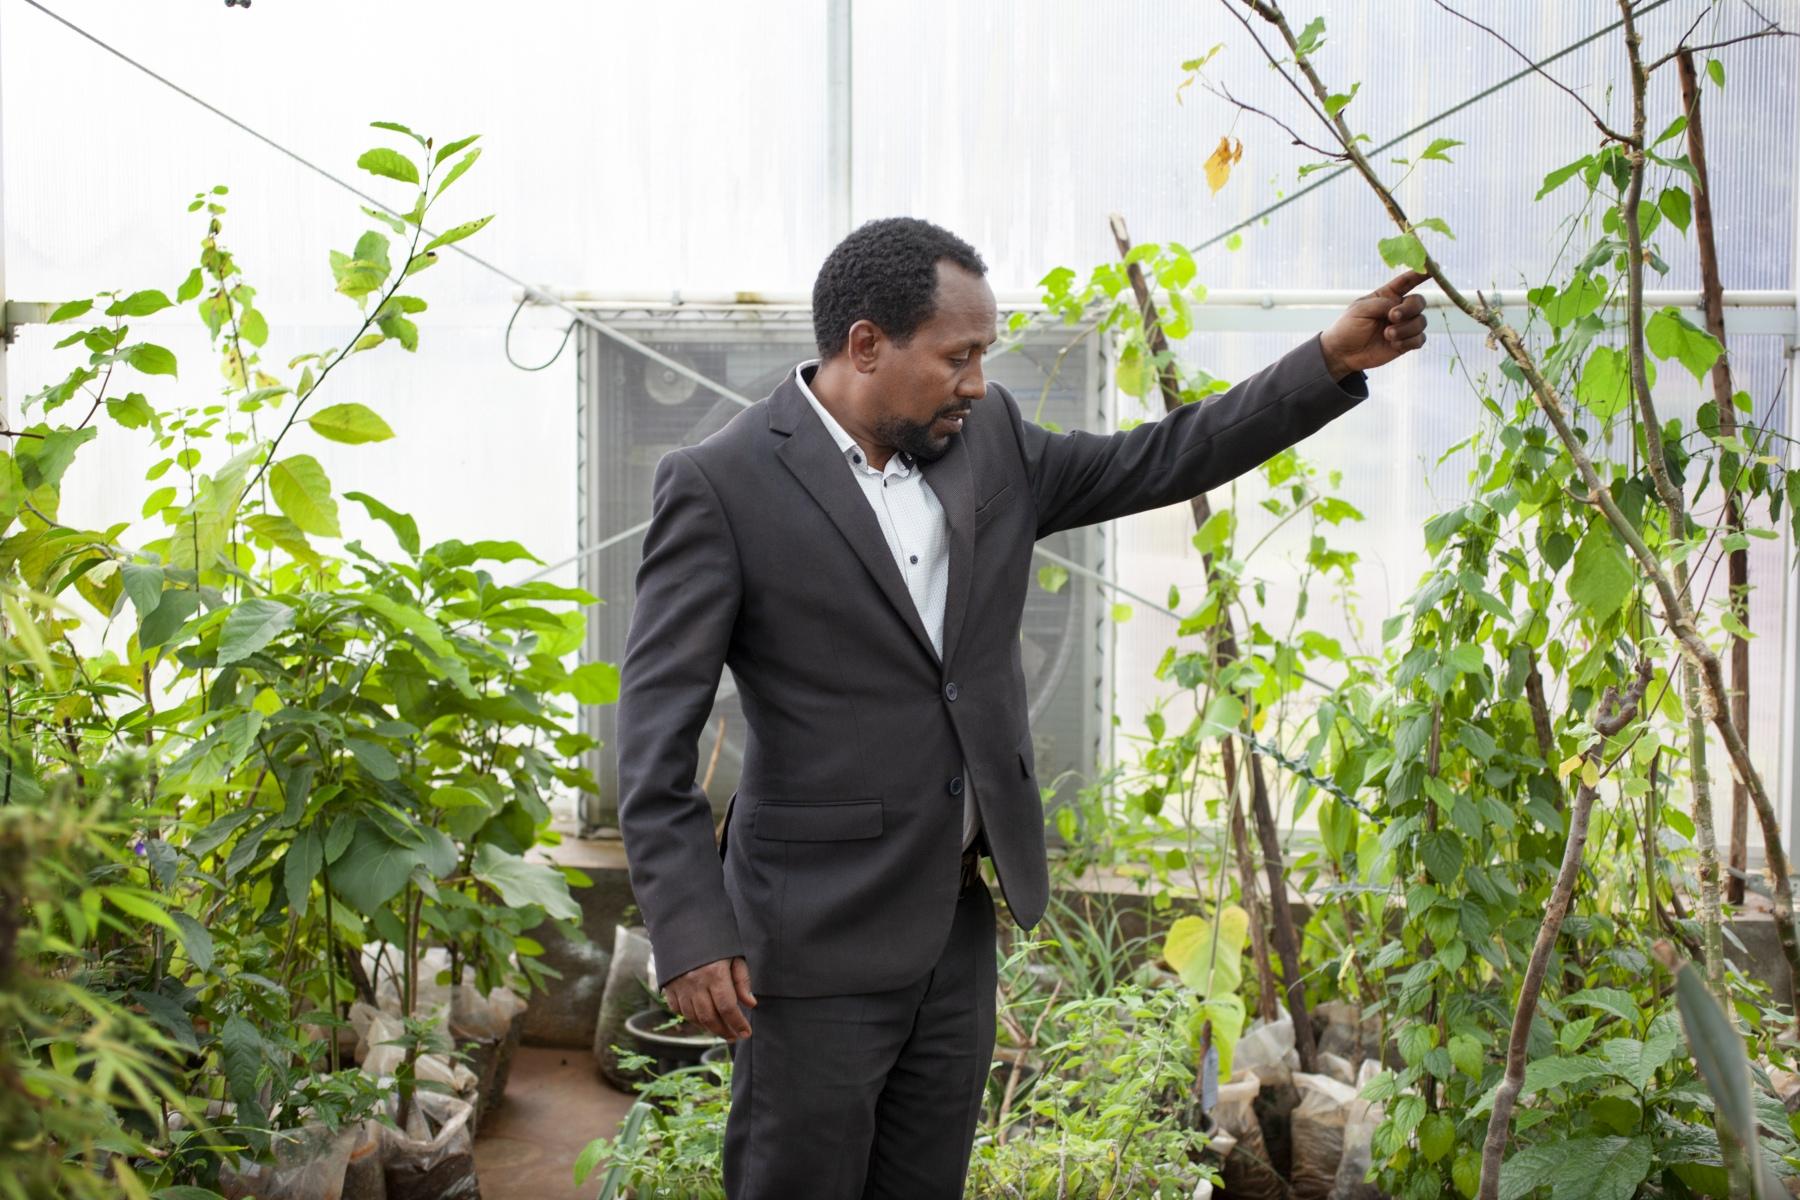 Ethiopia Gullele Botanical Gardens Food And Land Use Coalition